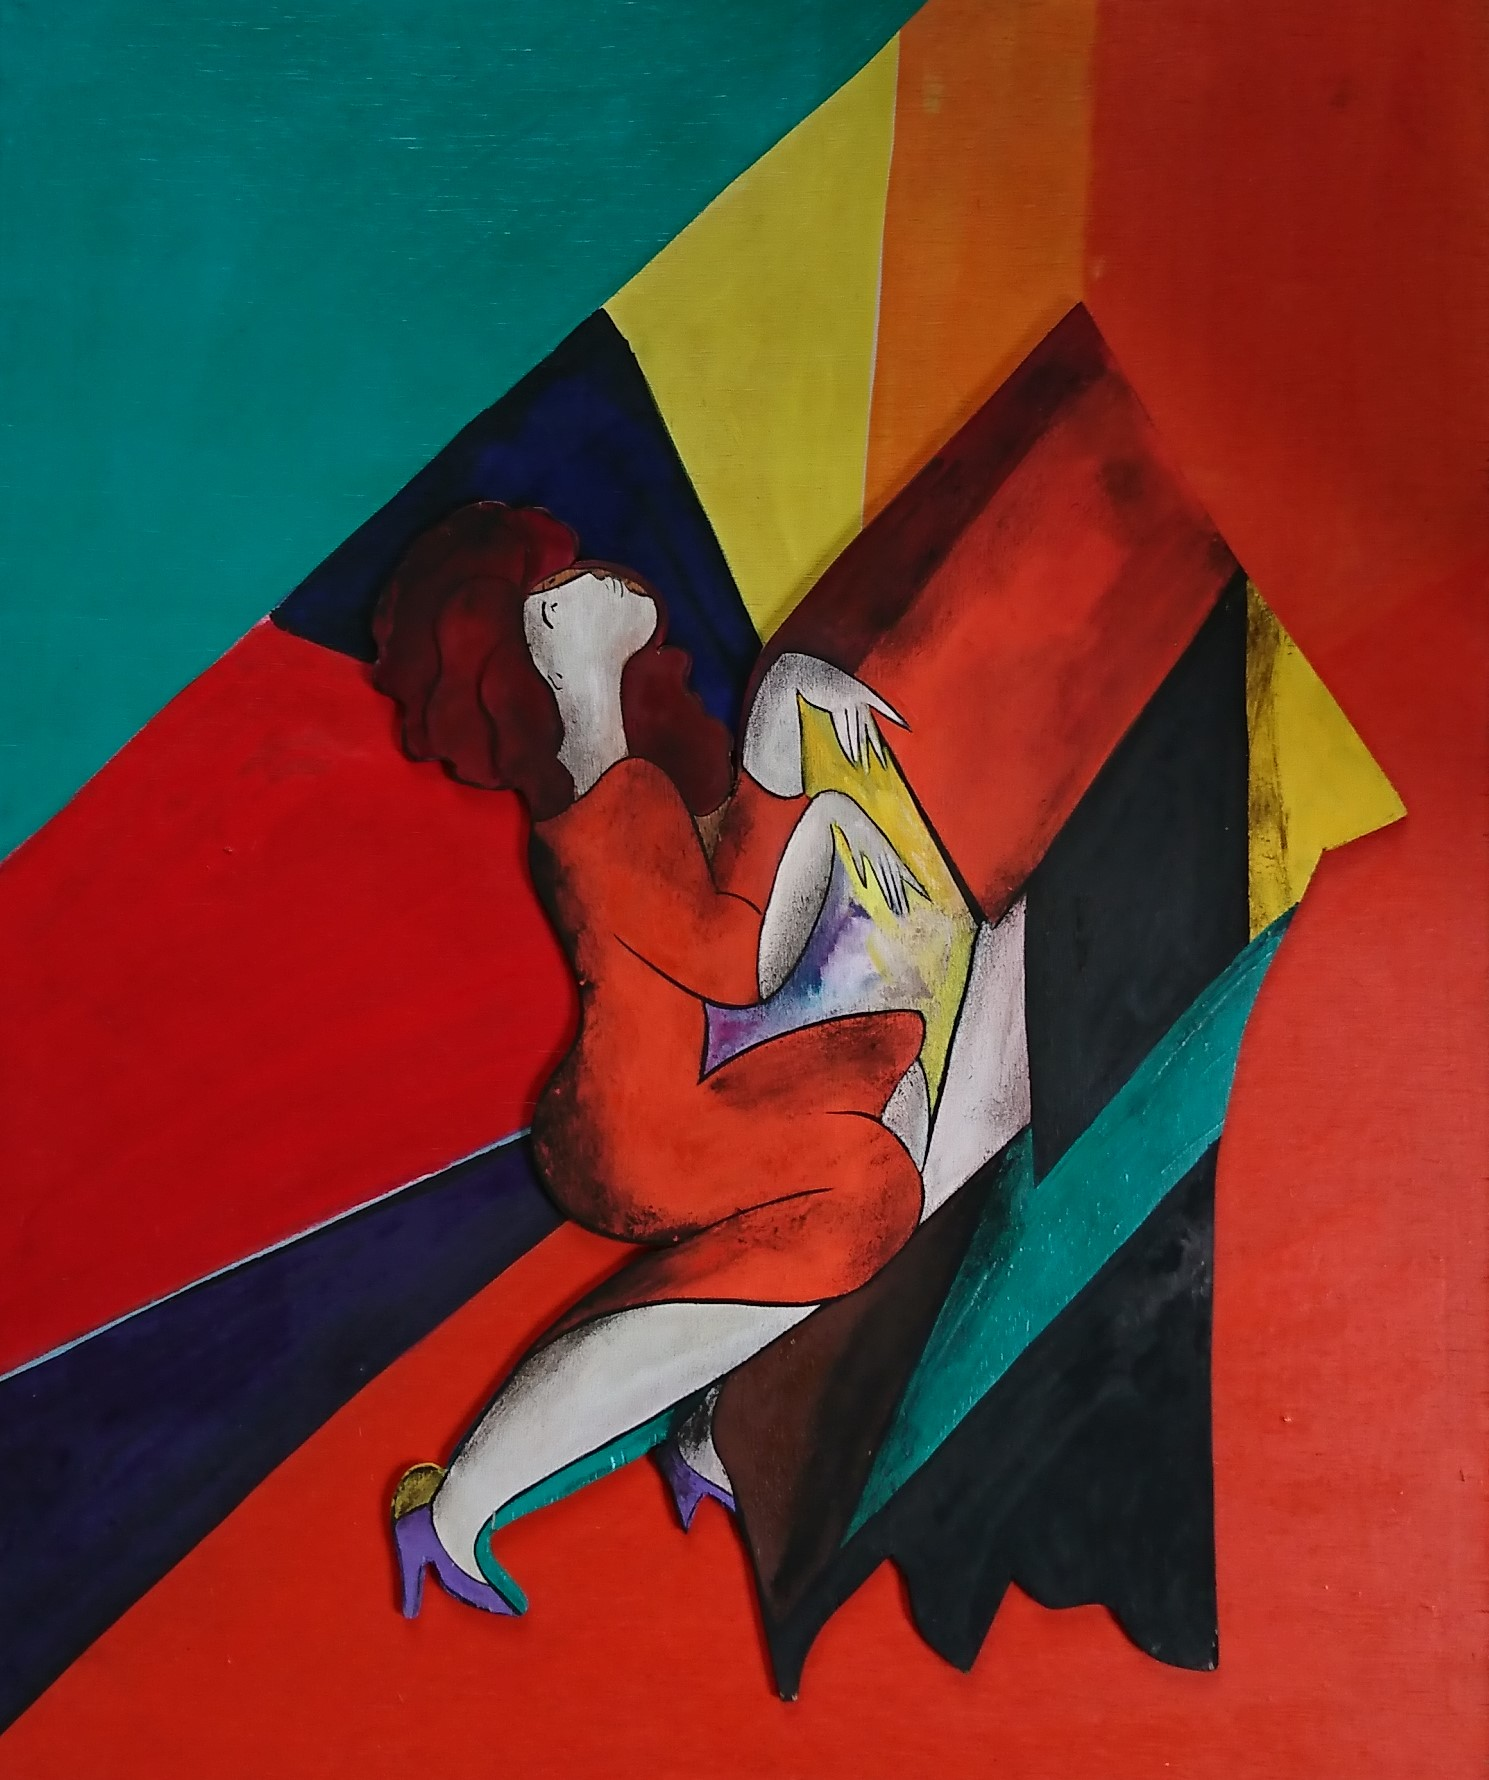 Piano forte. 15F. wood cut. 1997